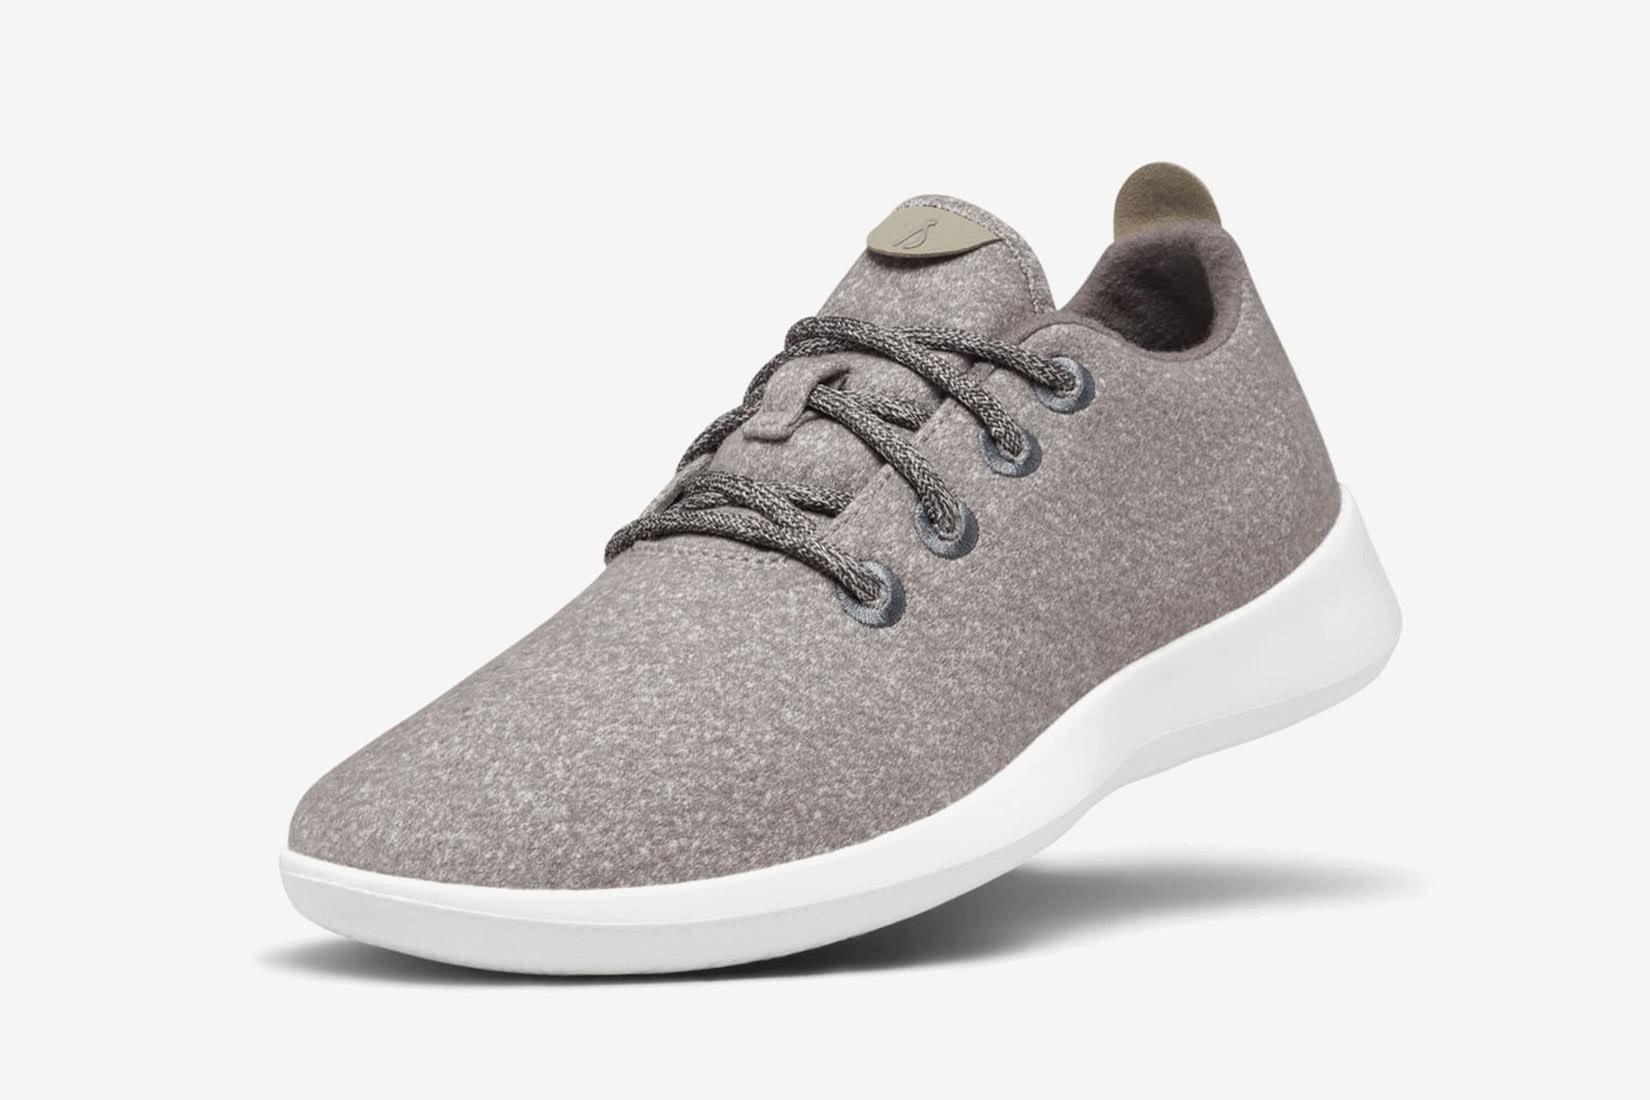 Allbirds sneakers review wool runners - Luxe Digital